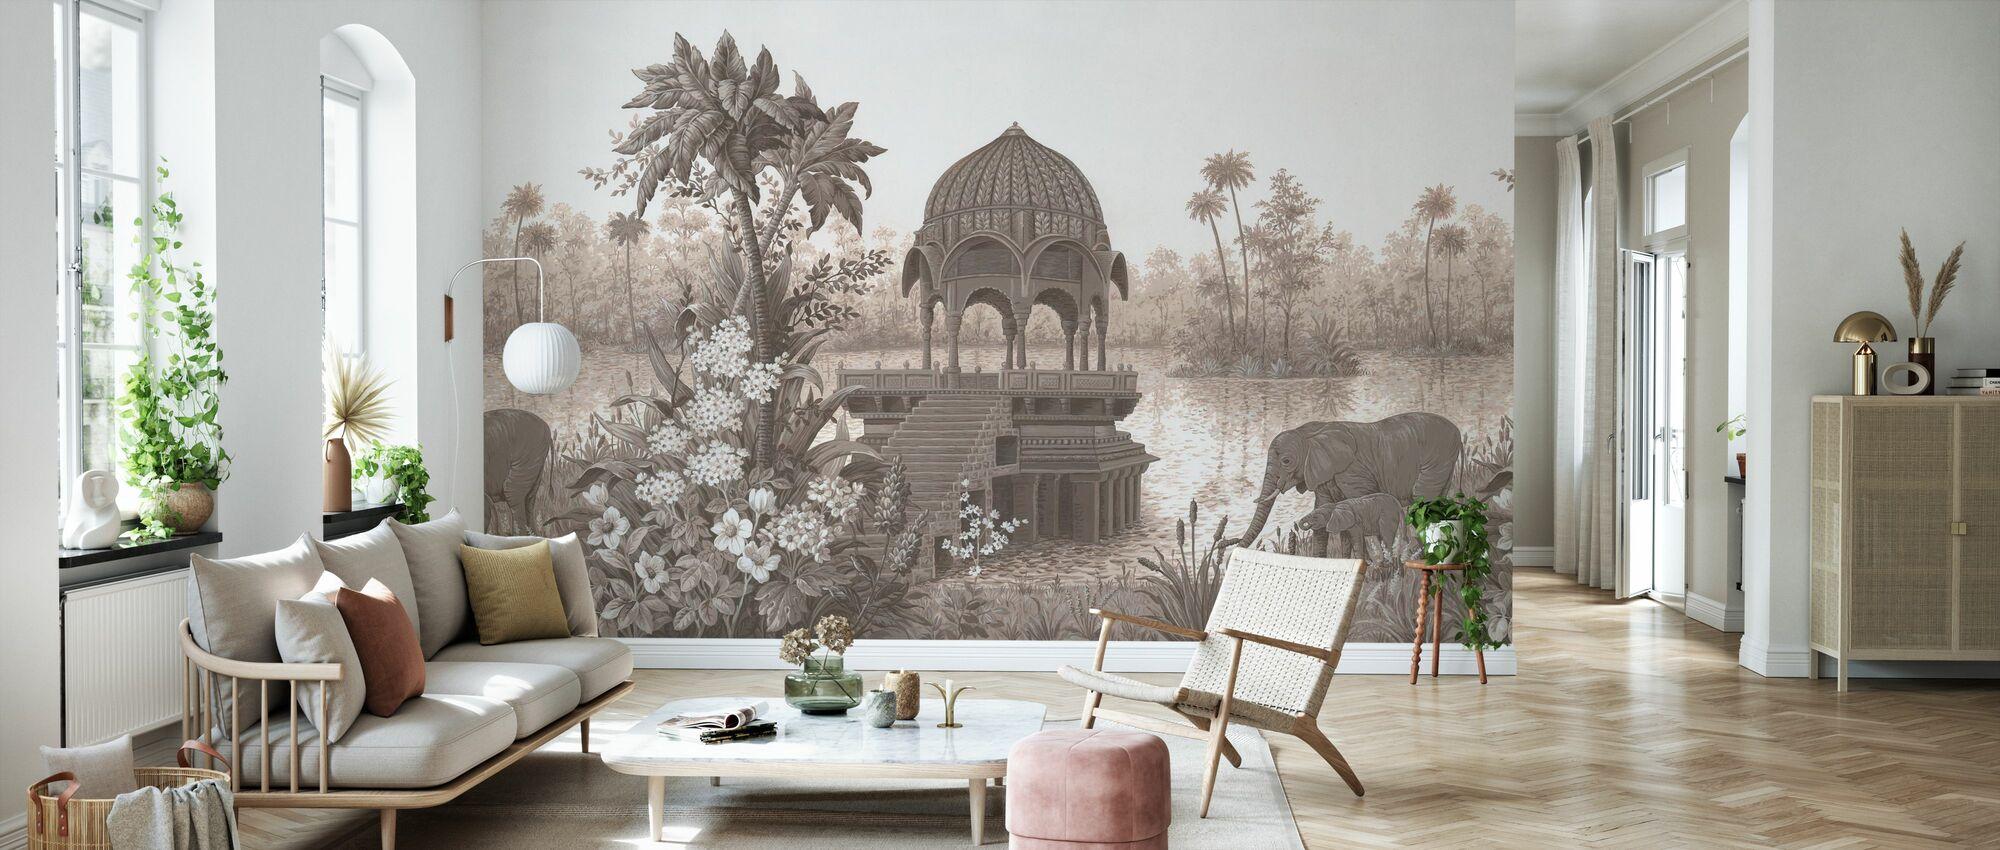 Tropical Habitat - Wallpaper - Living Room